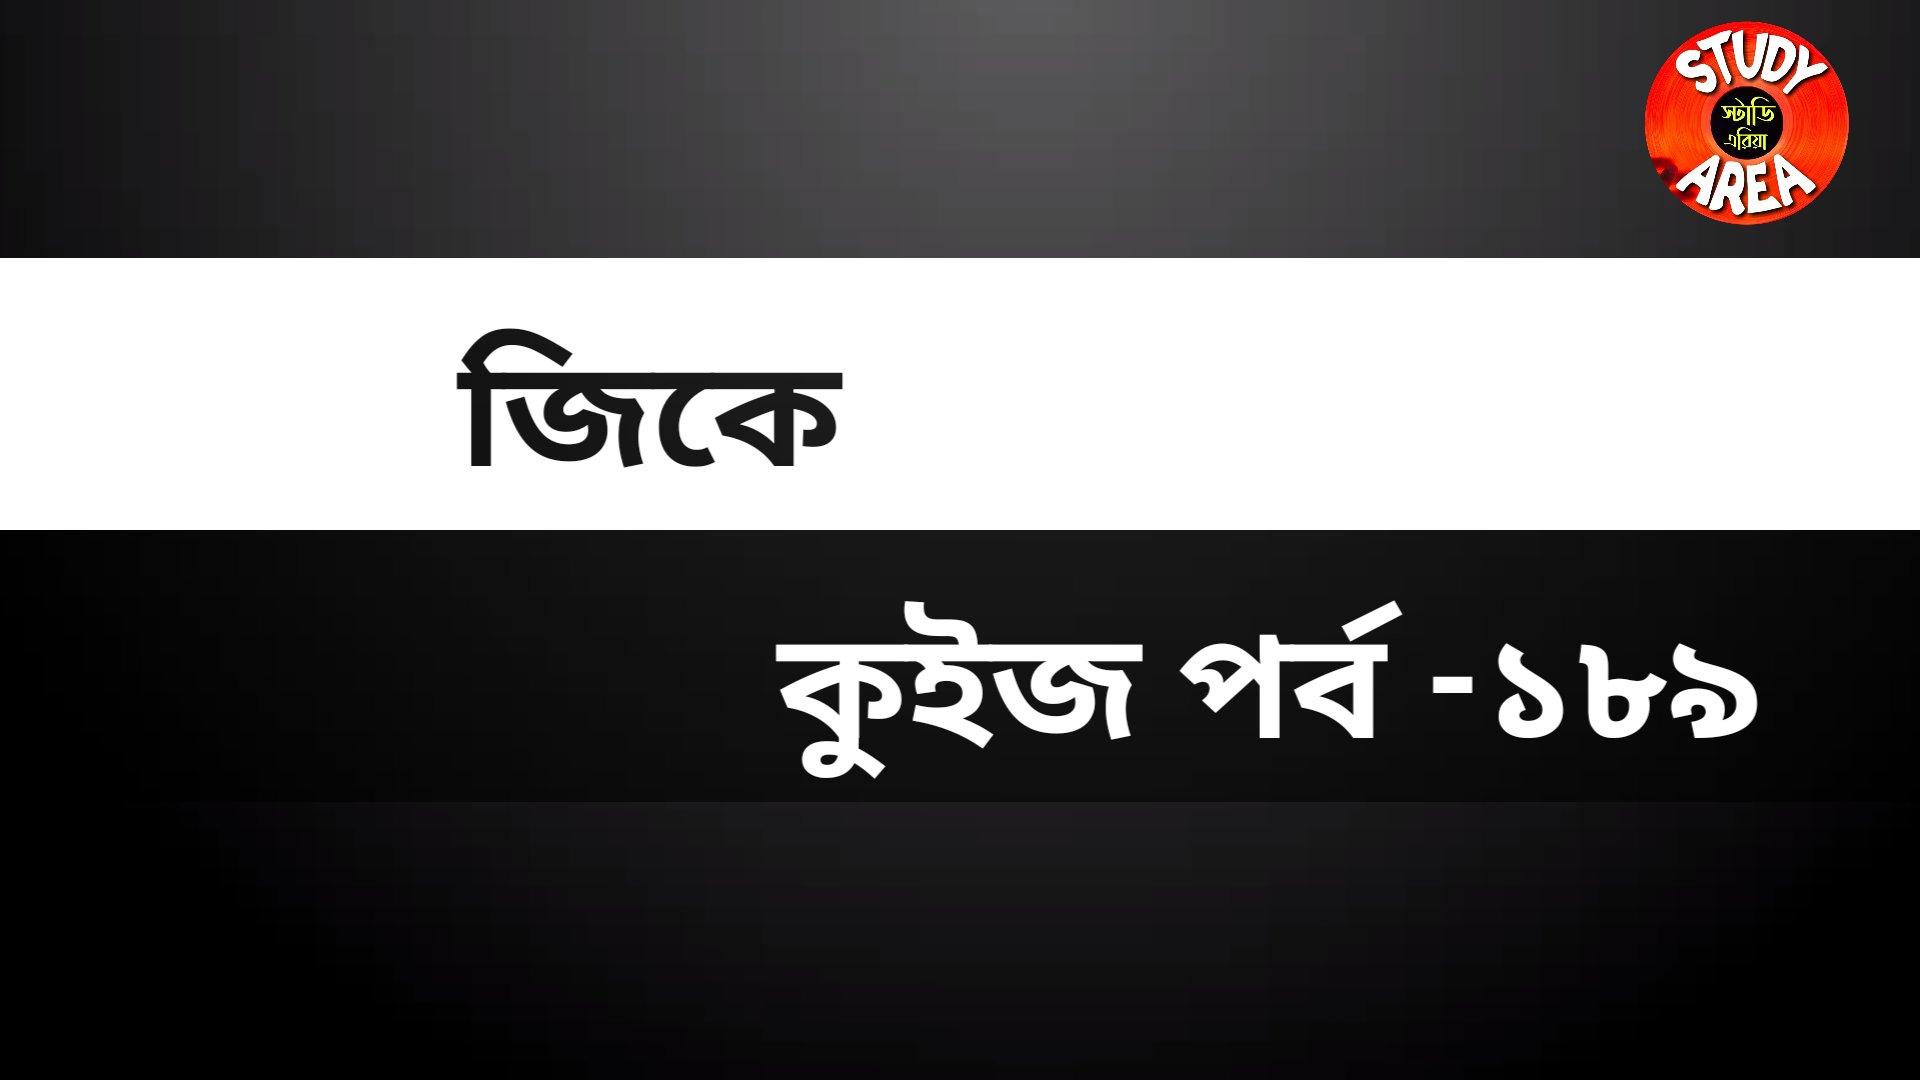 চাকরীর এক্সাম সংক্রান্ত বাংলা জিকে কুইজ পর্ব -১৮৯ | Job Related GK Quiz Part - 189